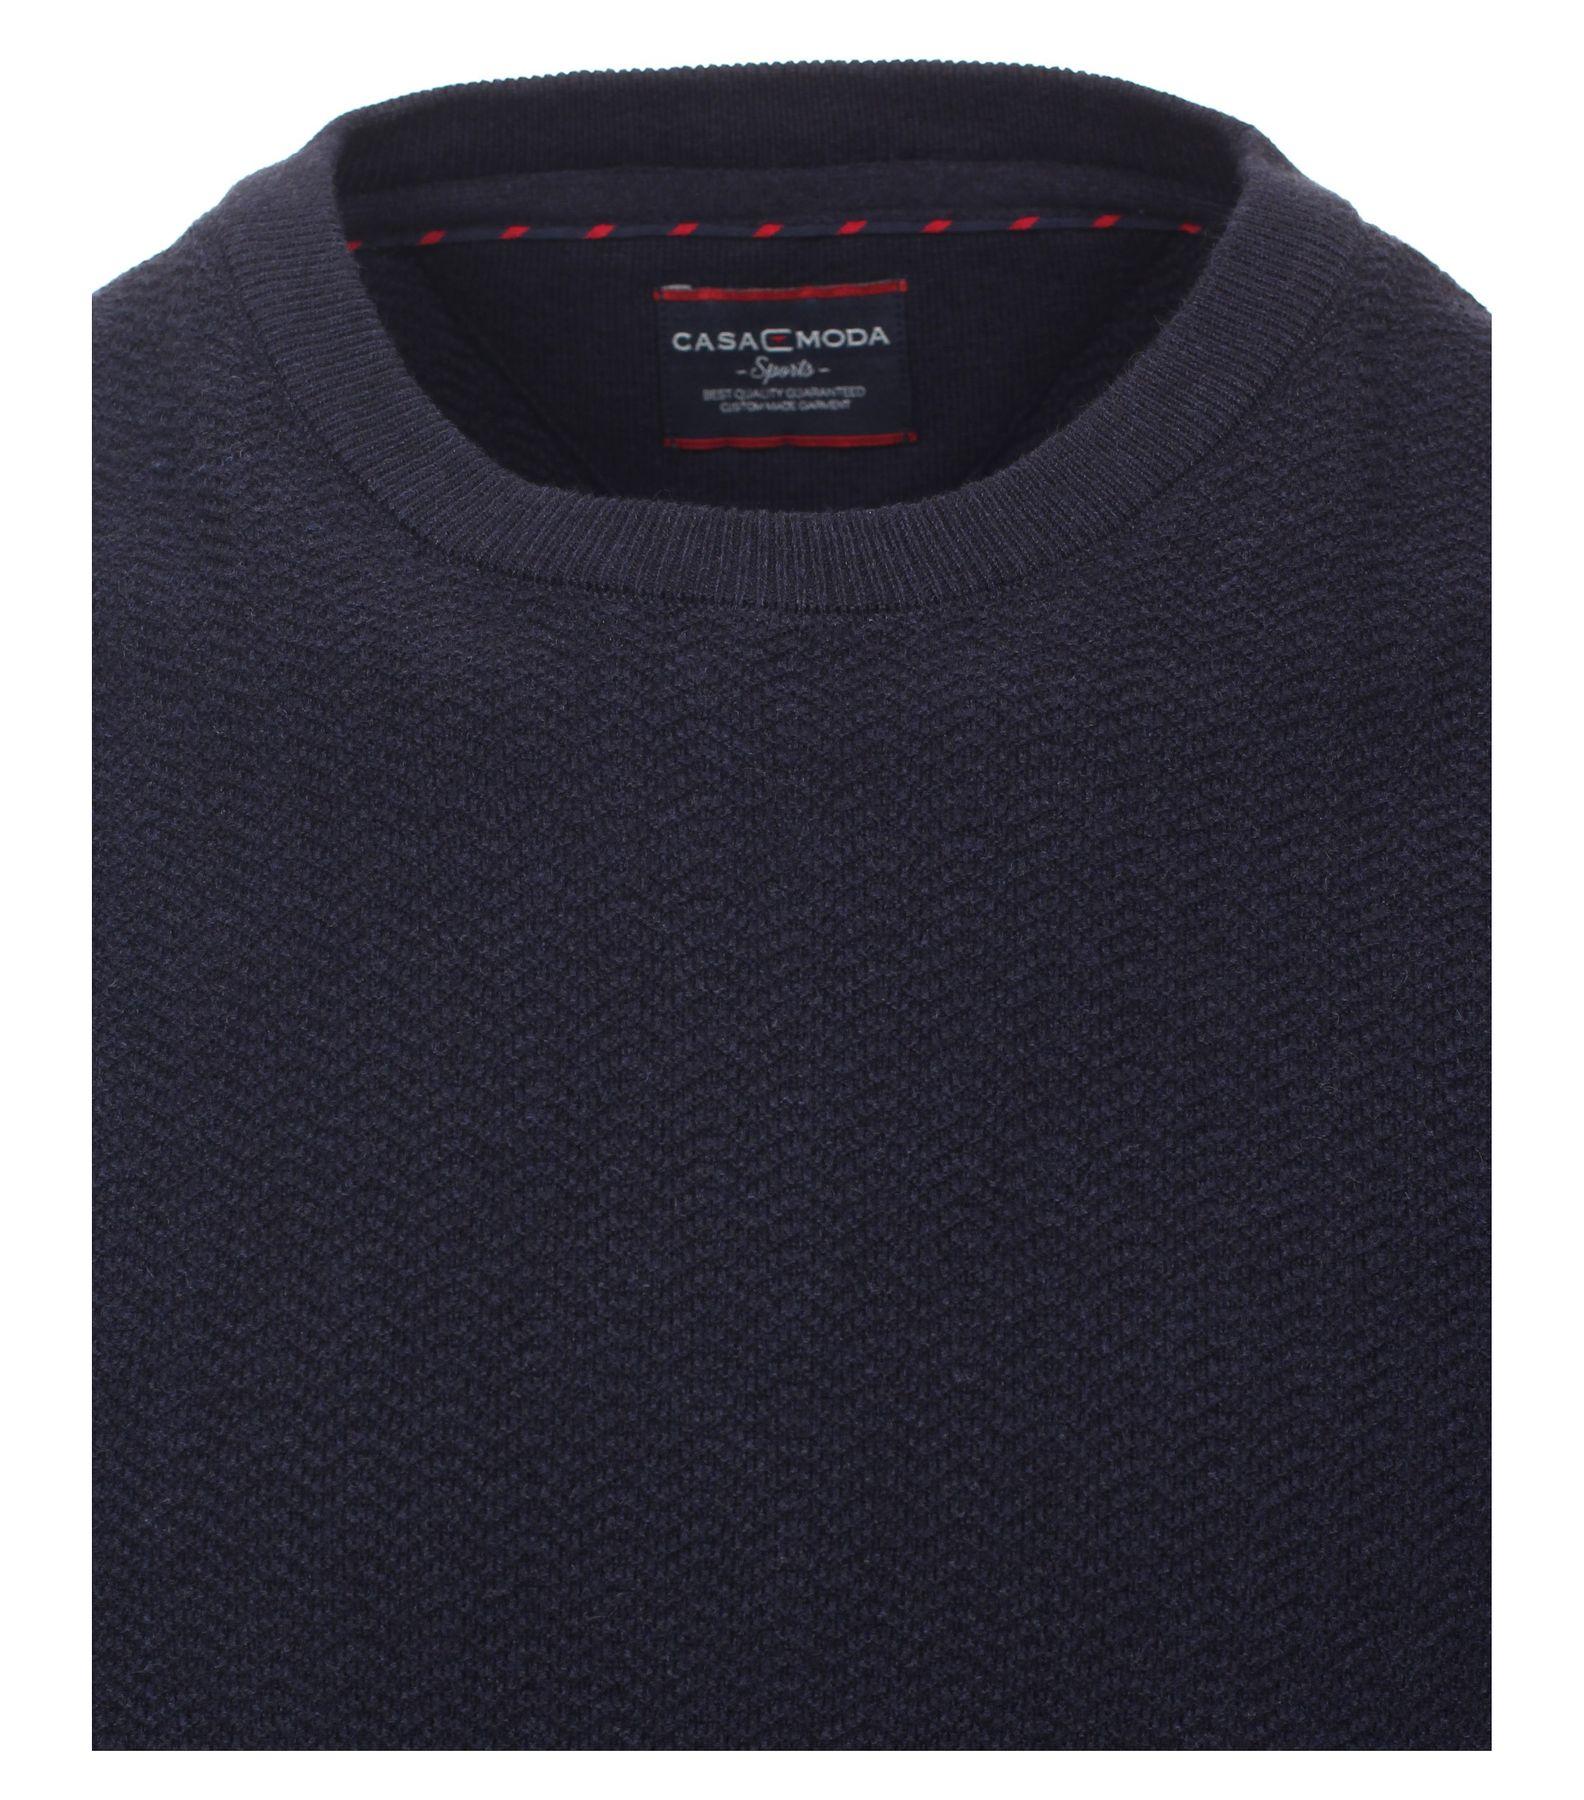 Casa Moda - Herren Pullover mit Rundhalsausschnitt und modischem Webmuster in Blau  (472779000A) – Bild 3